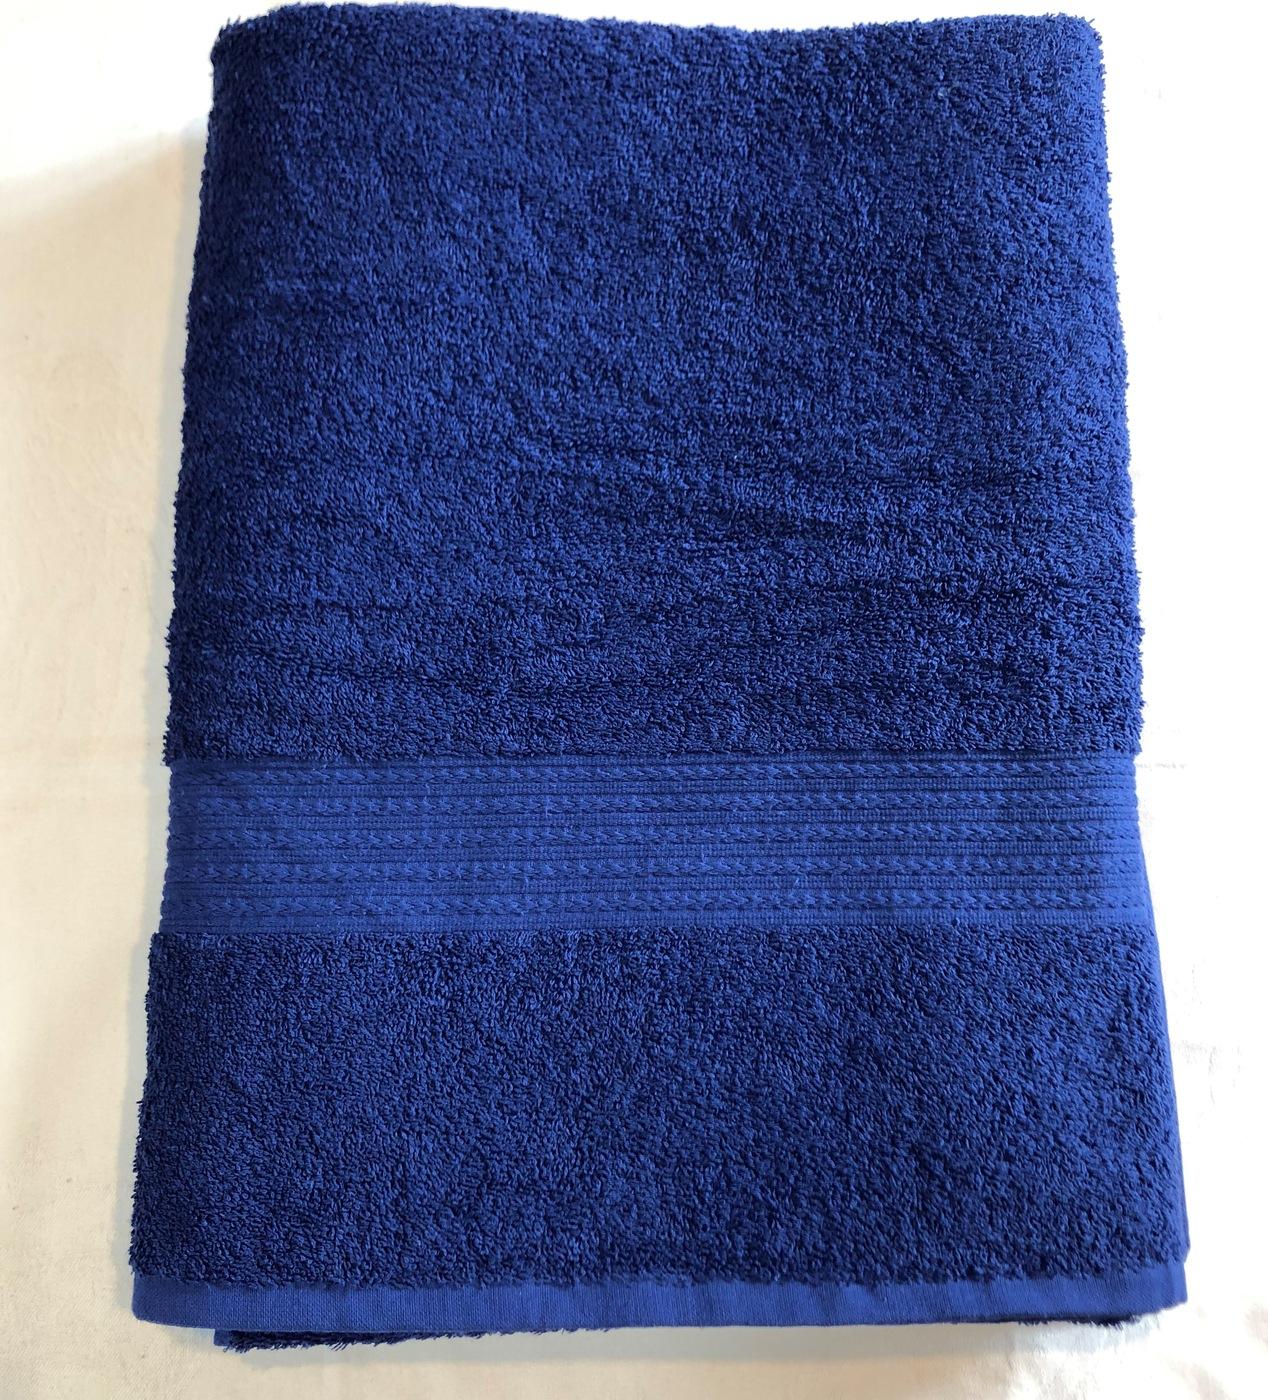 Простыня Pastel 582002 2-х спальное темно-синий на авто цвет темно синий перламутр